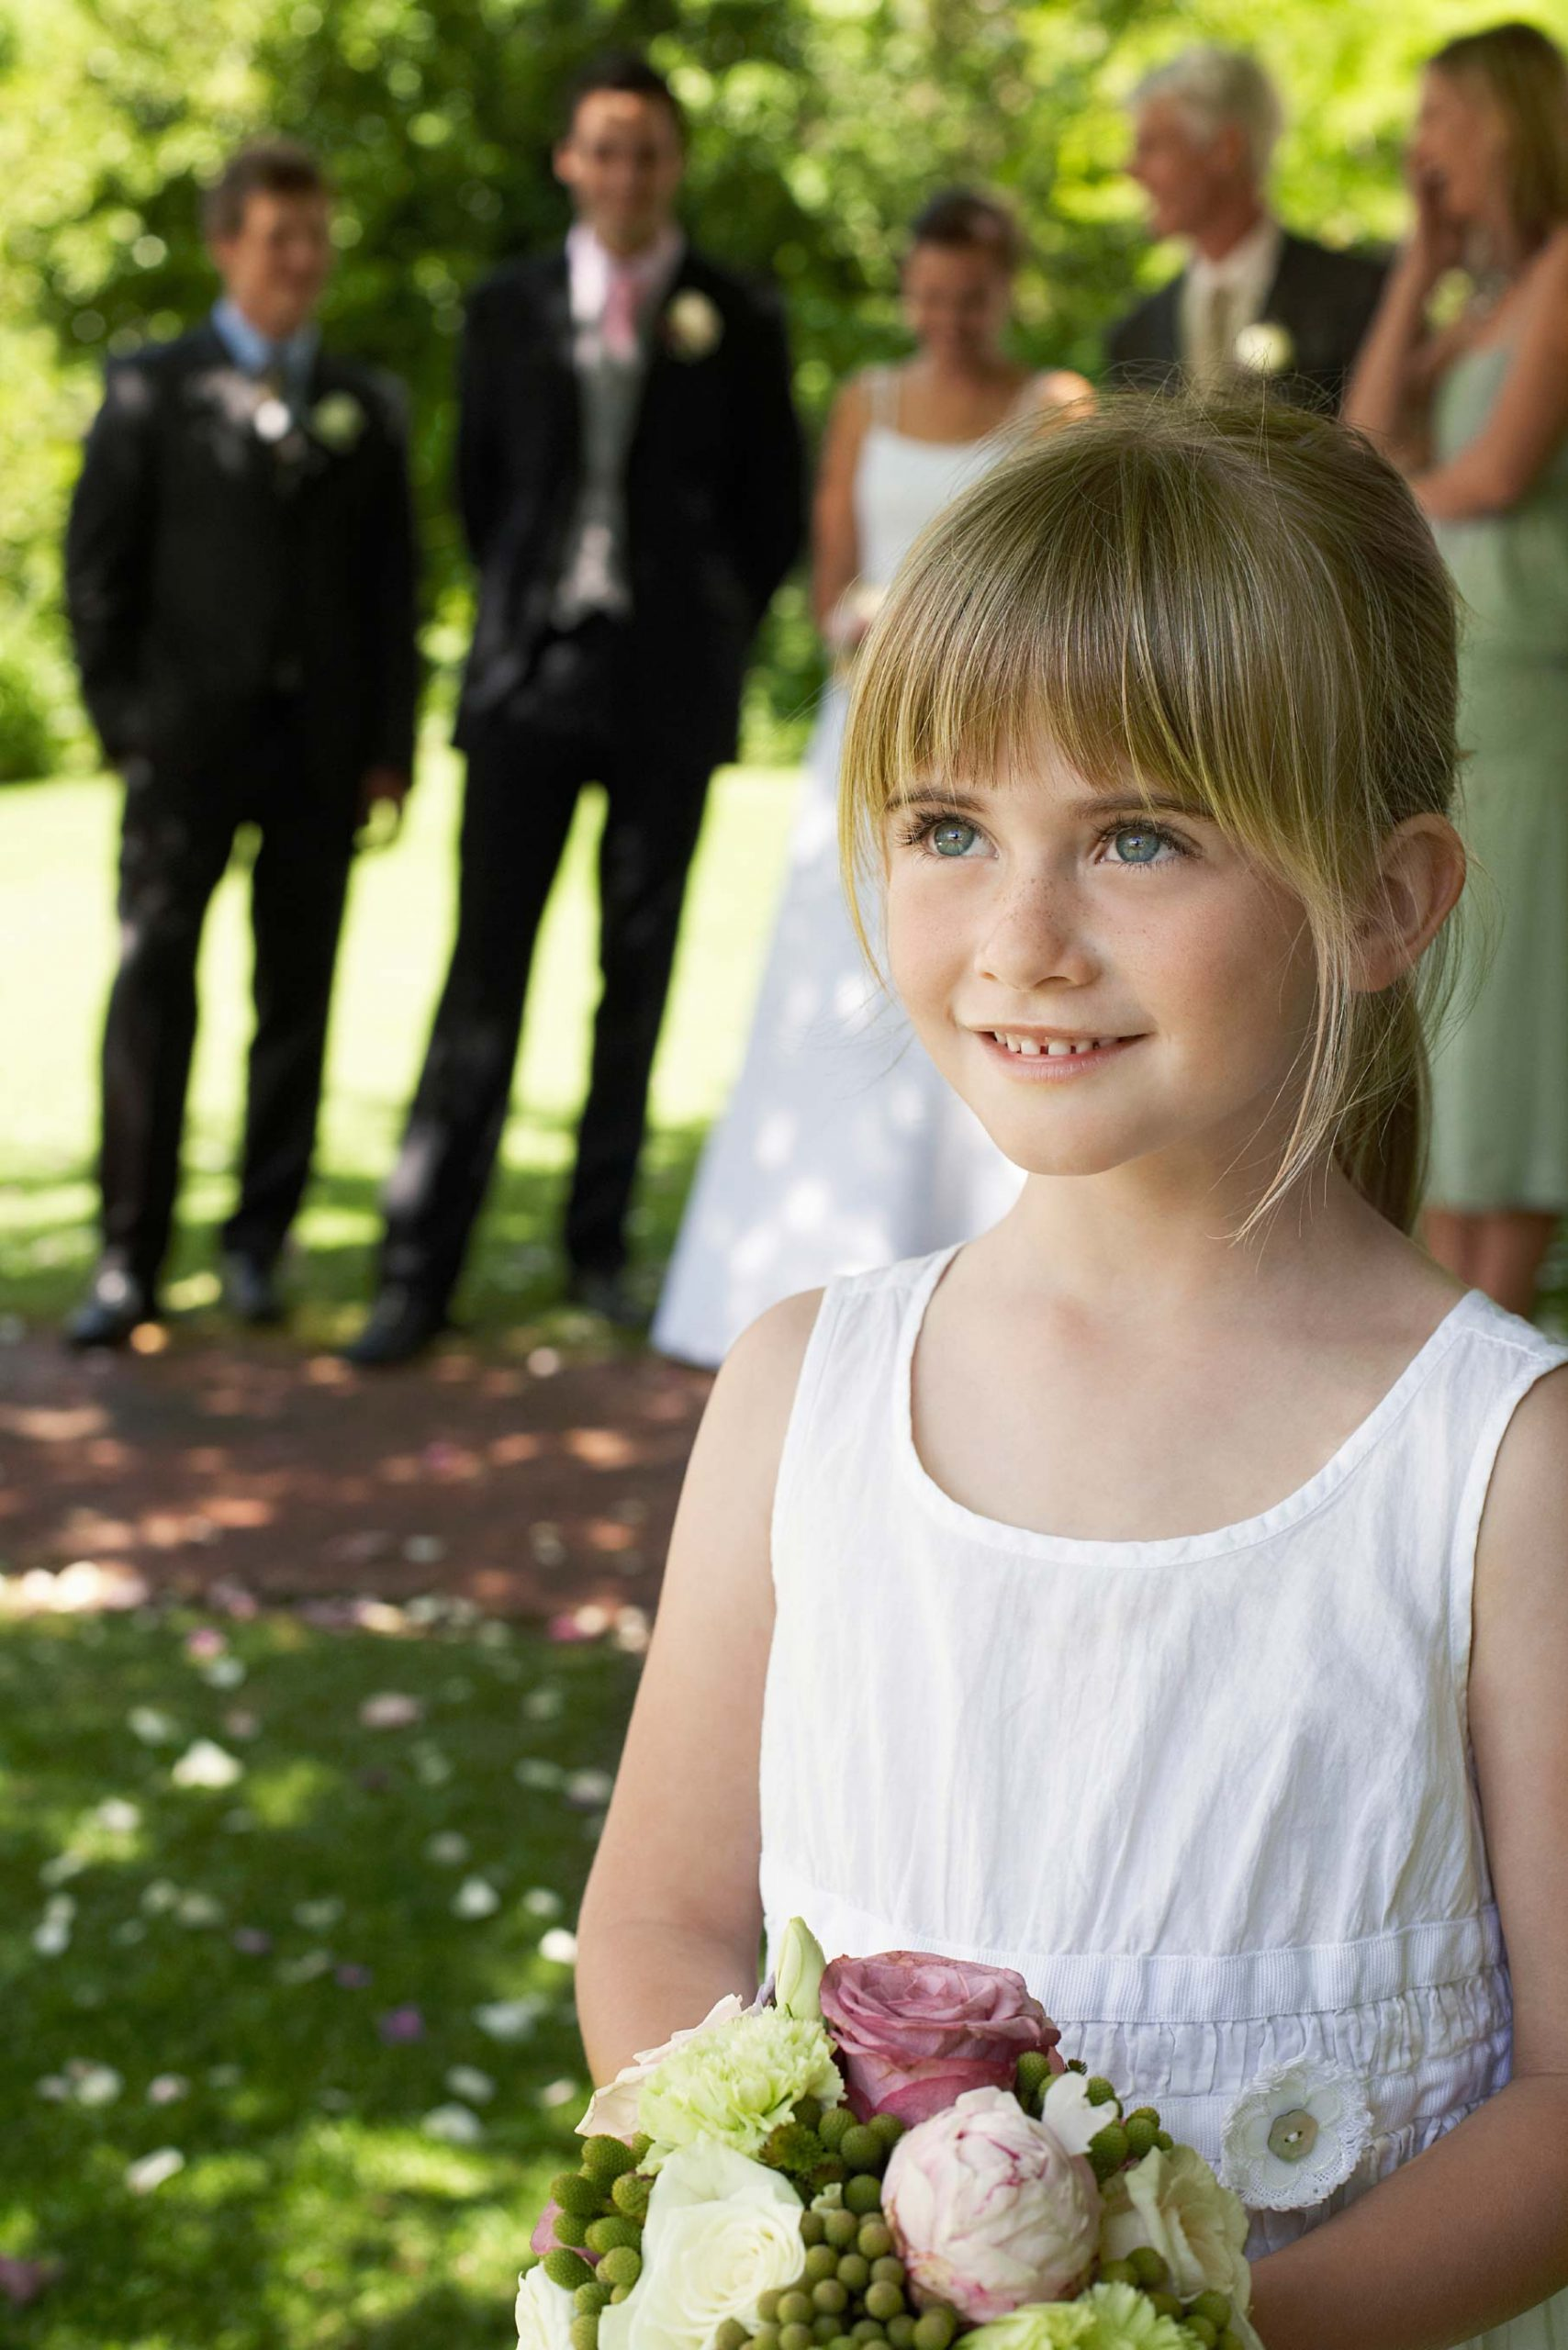 Kinderkleider Für Eine Hochzeit - So Werden Die Kids Zum